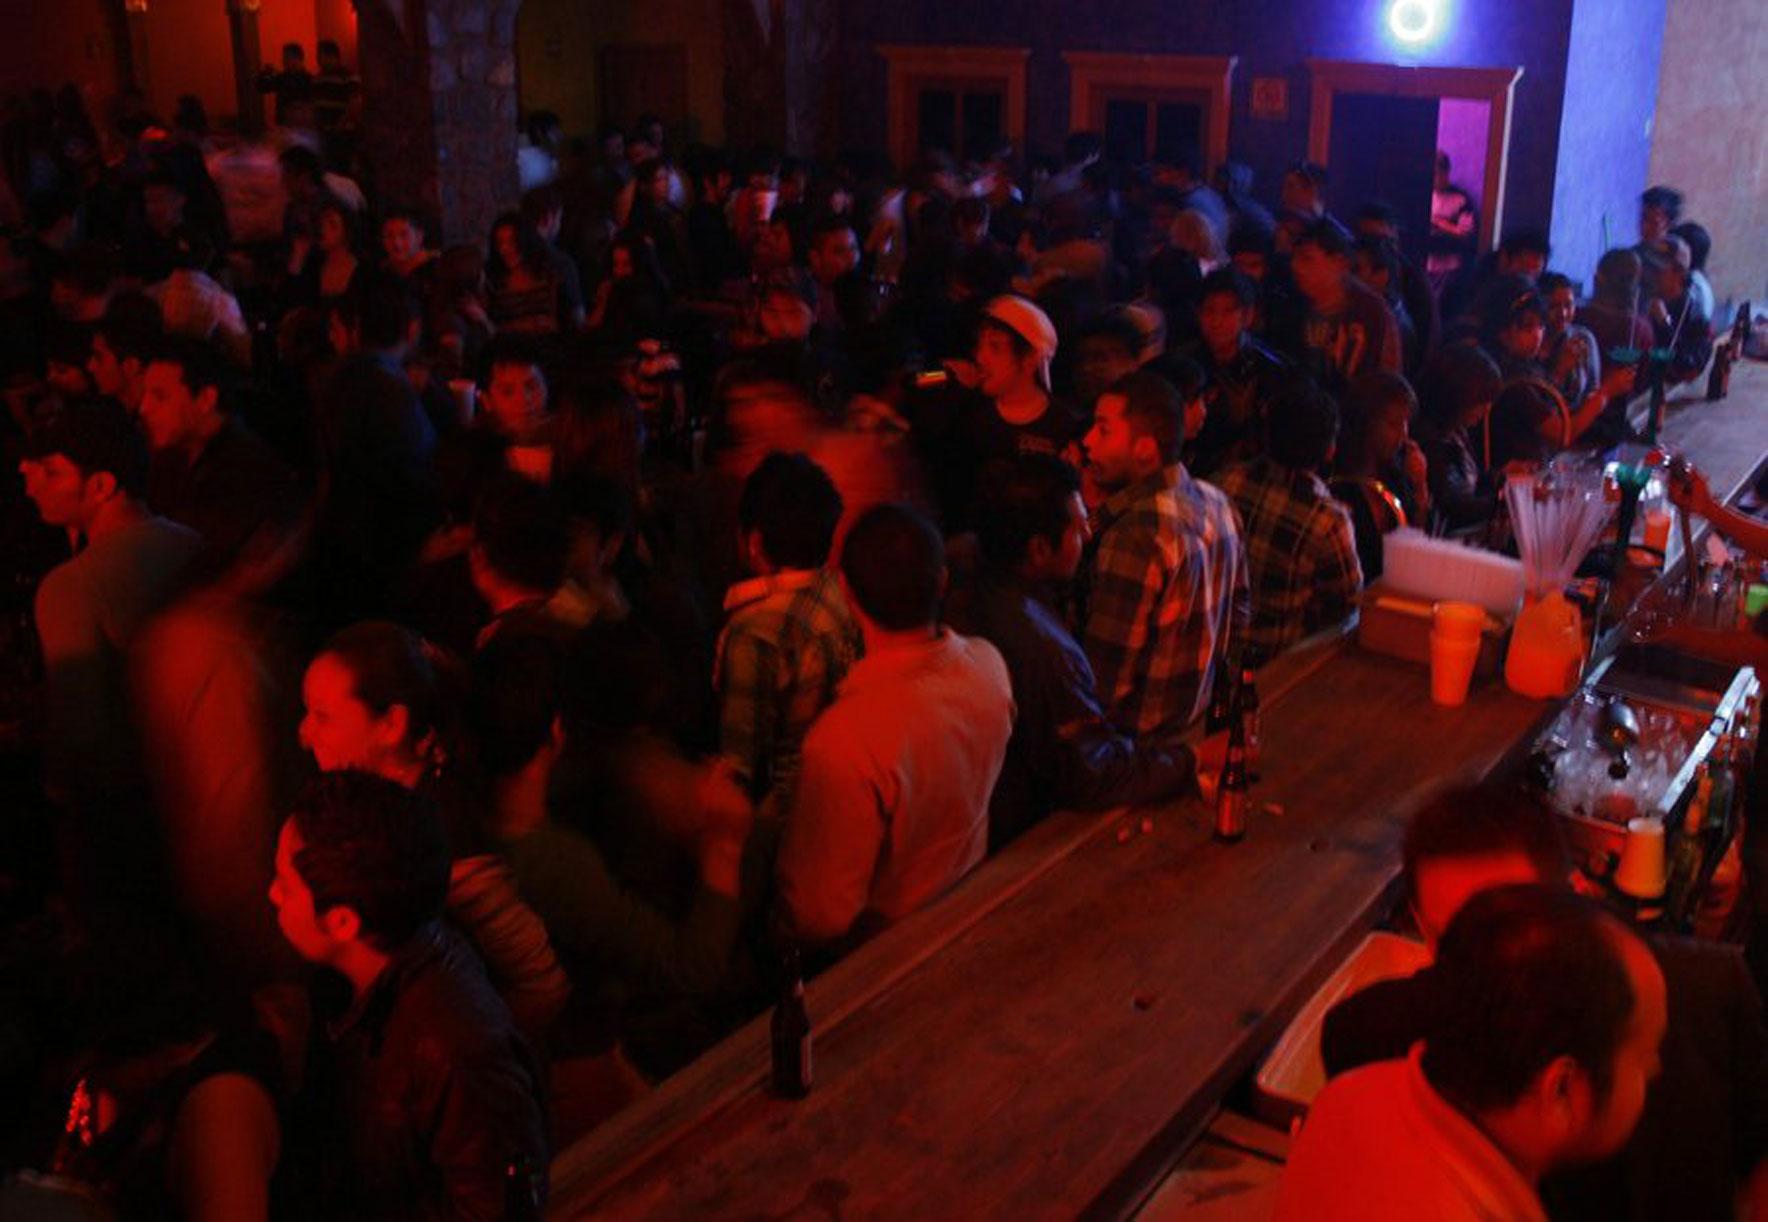 Χαλκίδα: Πανικός σε γνωστό night club – Με αυτοκόλλητα στα κινητά για να μην ανεβαίνουν stories